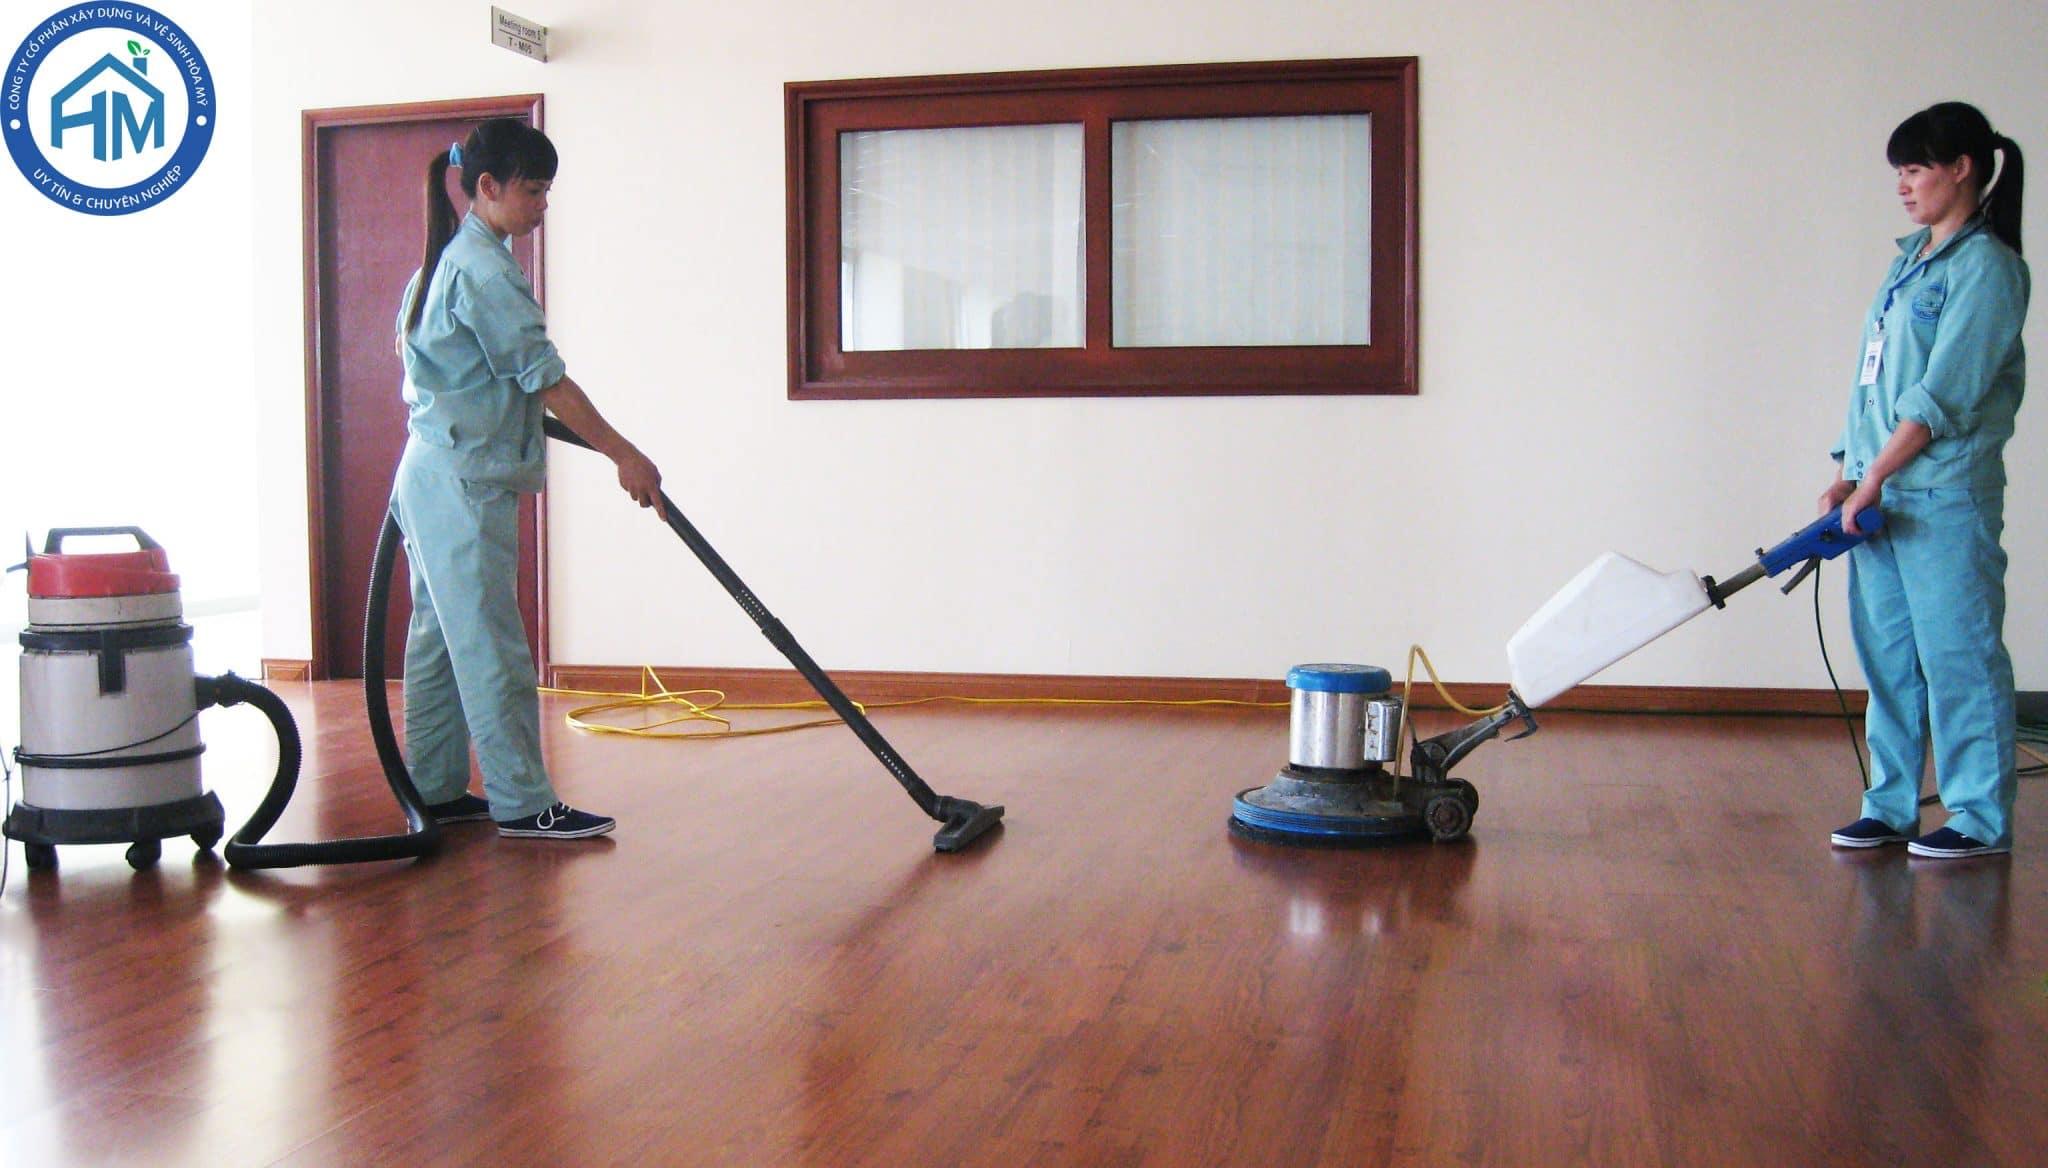 công ty vệ sinh văn phòng uy tín - chuyên nghiệp tại Hà Nội